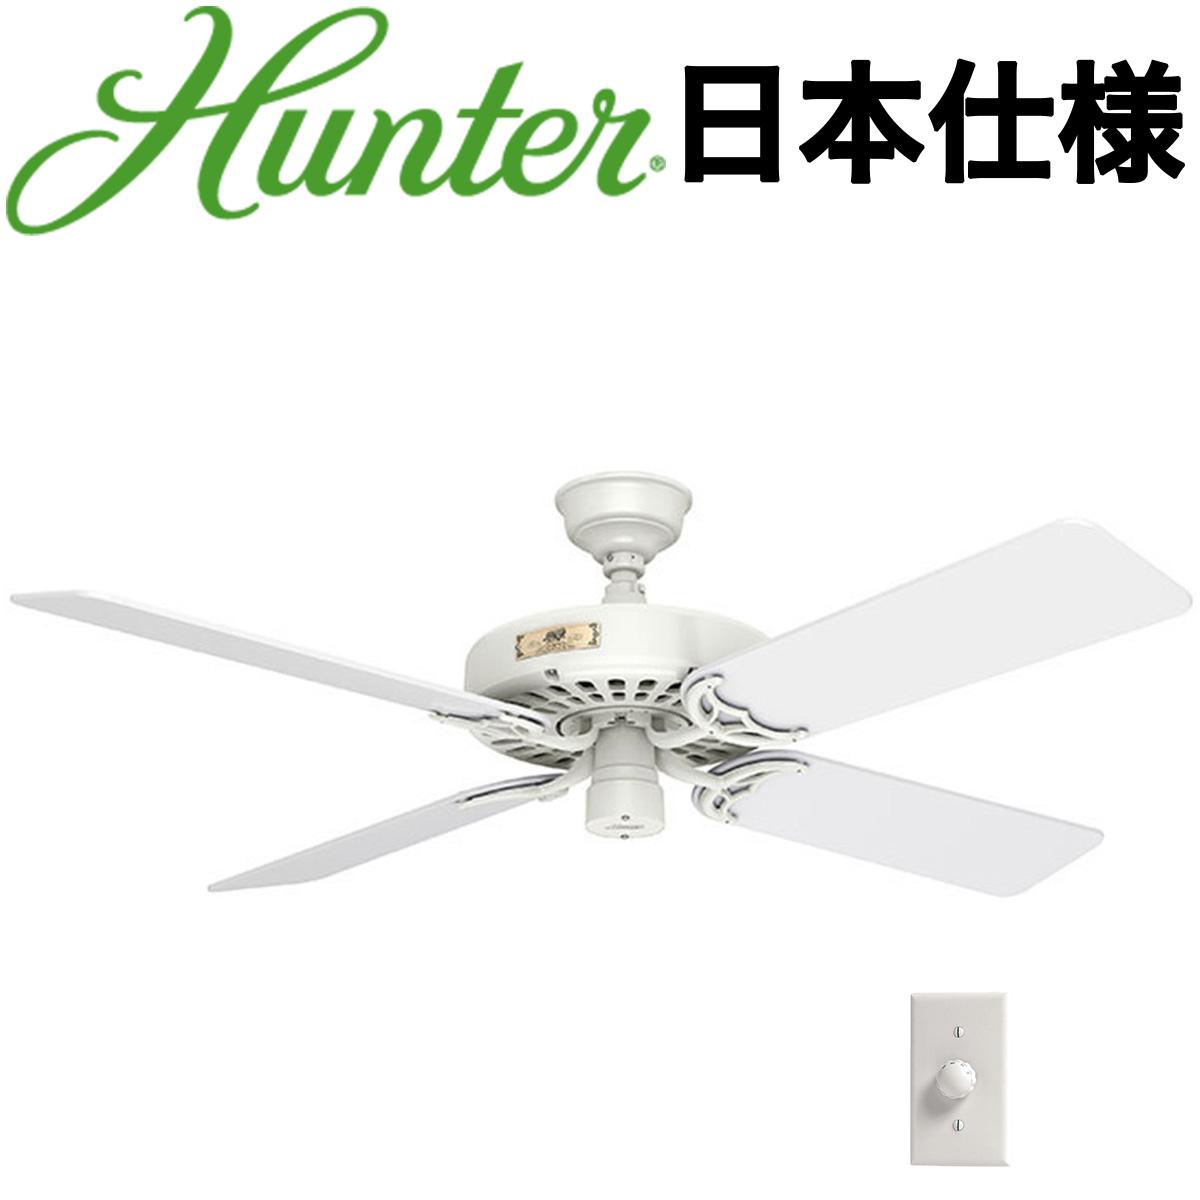 Hunter ハンター シーリングファン ハンターオリジナル ホワイト 23845 傾斜天井 吹き抜け おしゃれ かっこいい 送料無料